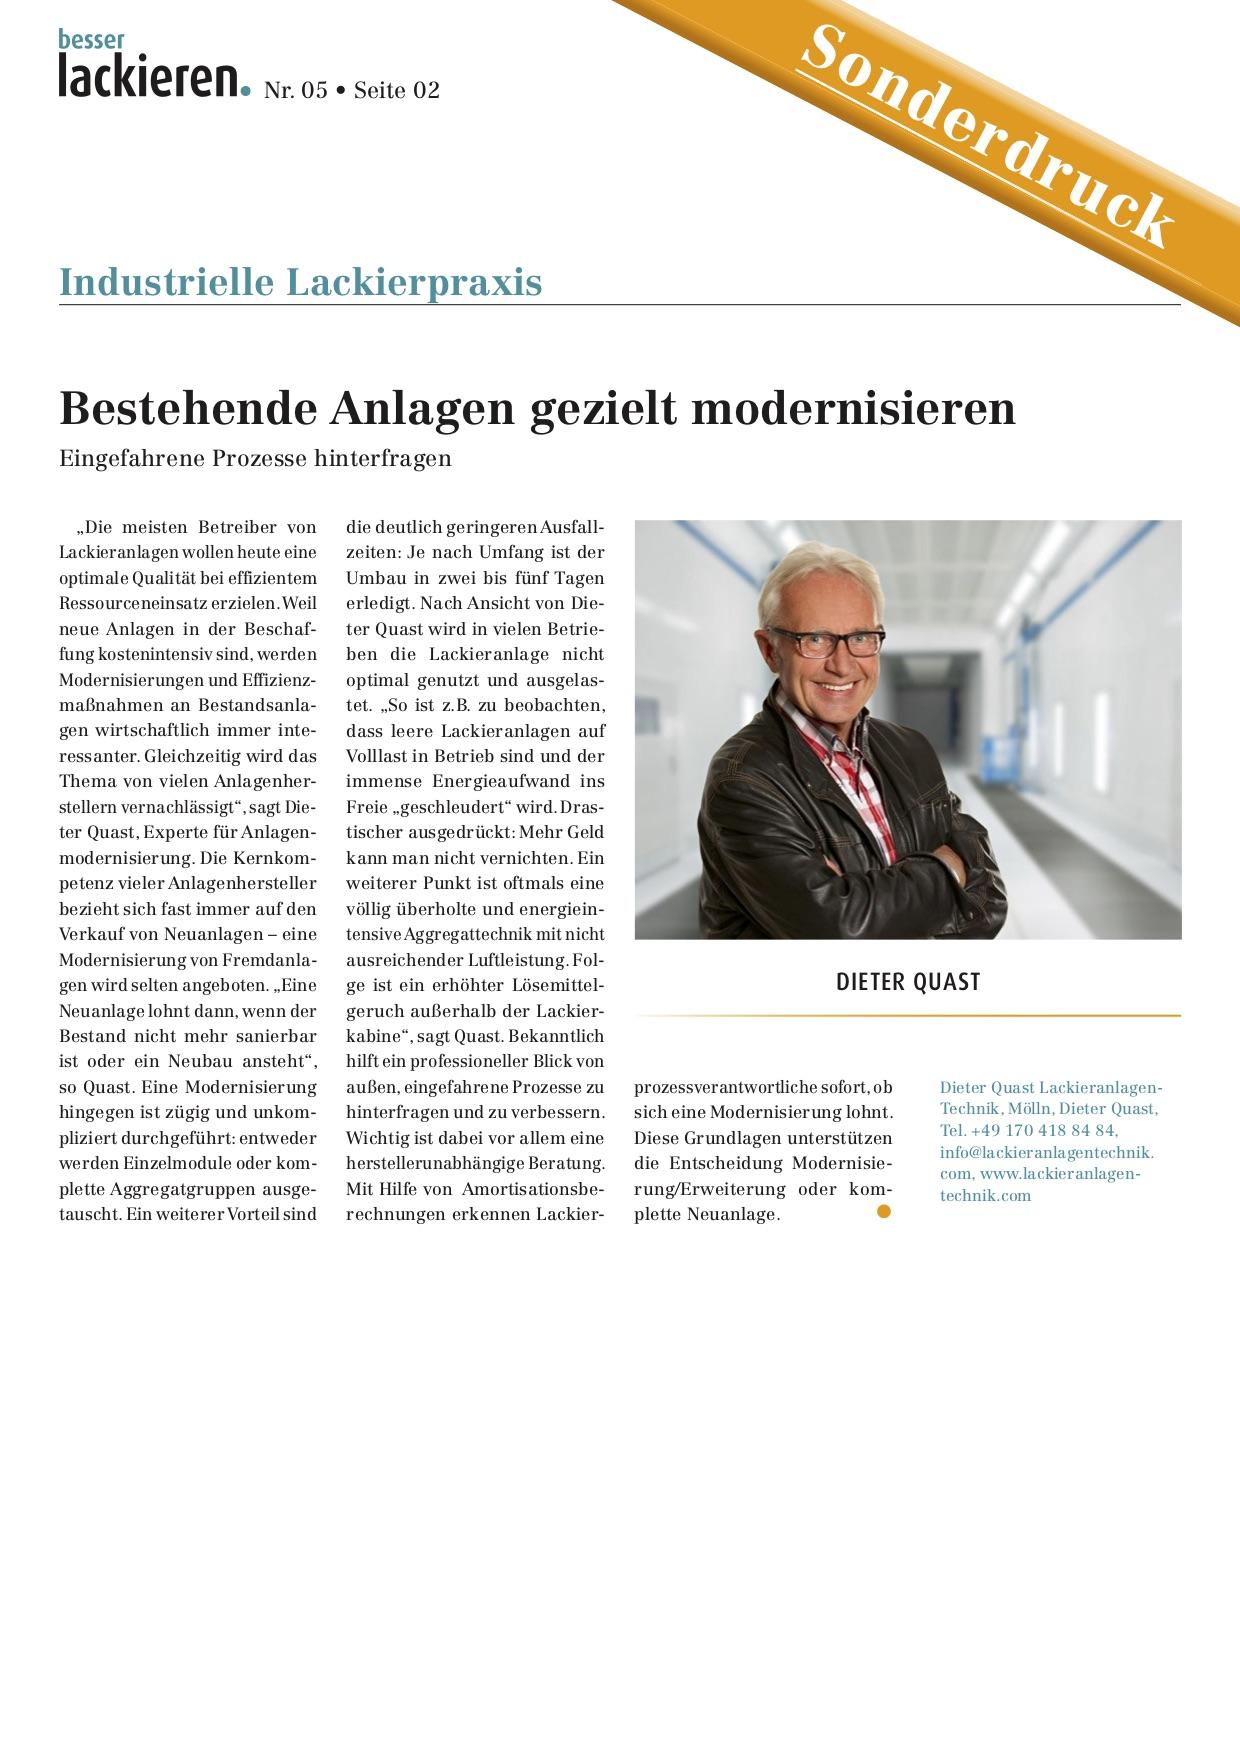 """besser lackieren: """"Bestehende Anlagen gezielt modernisieren"""""""